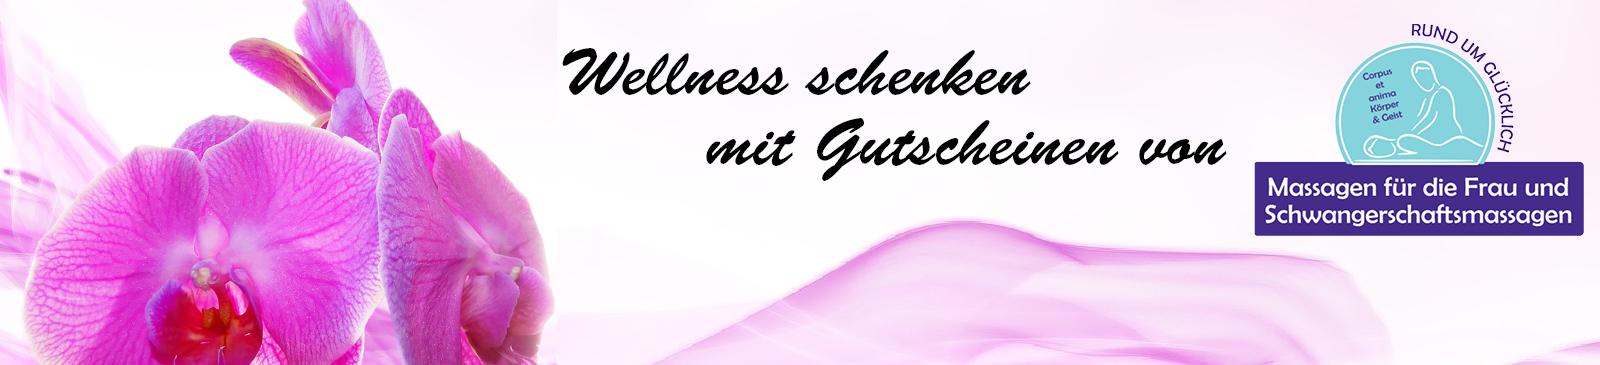 Wellness Gutschein von RUND UM GLÜCKLICH